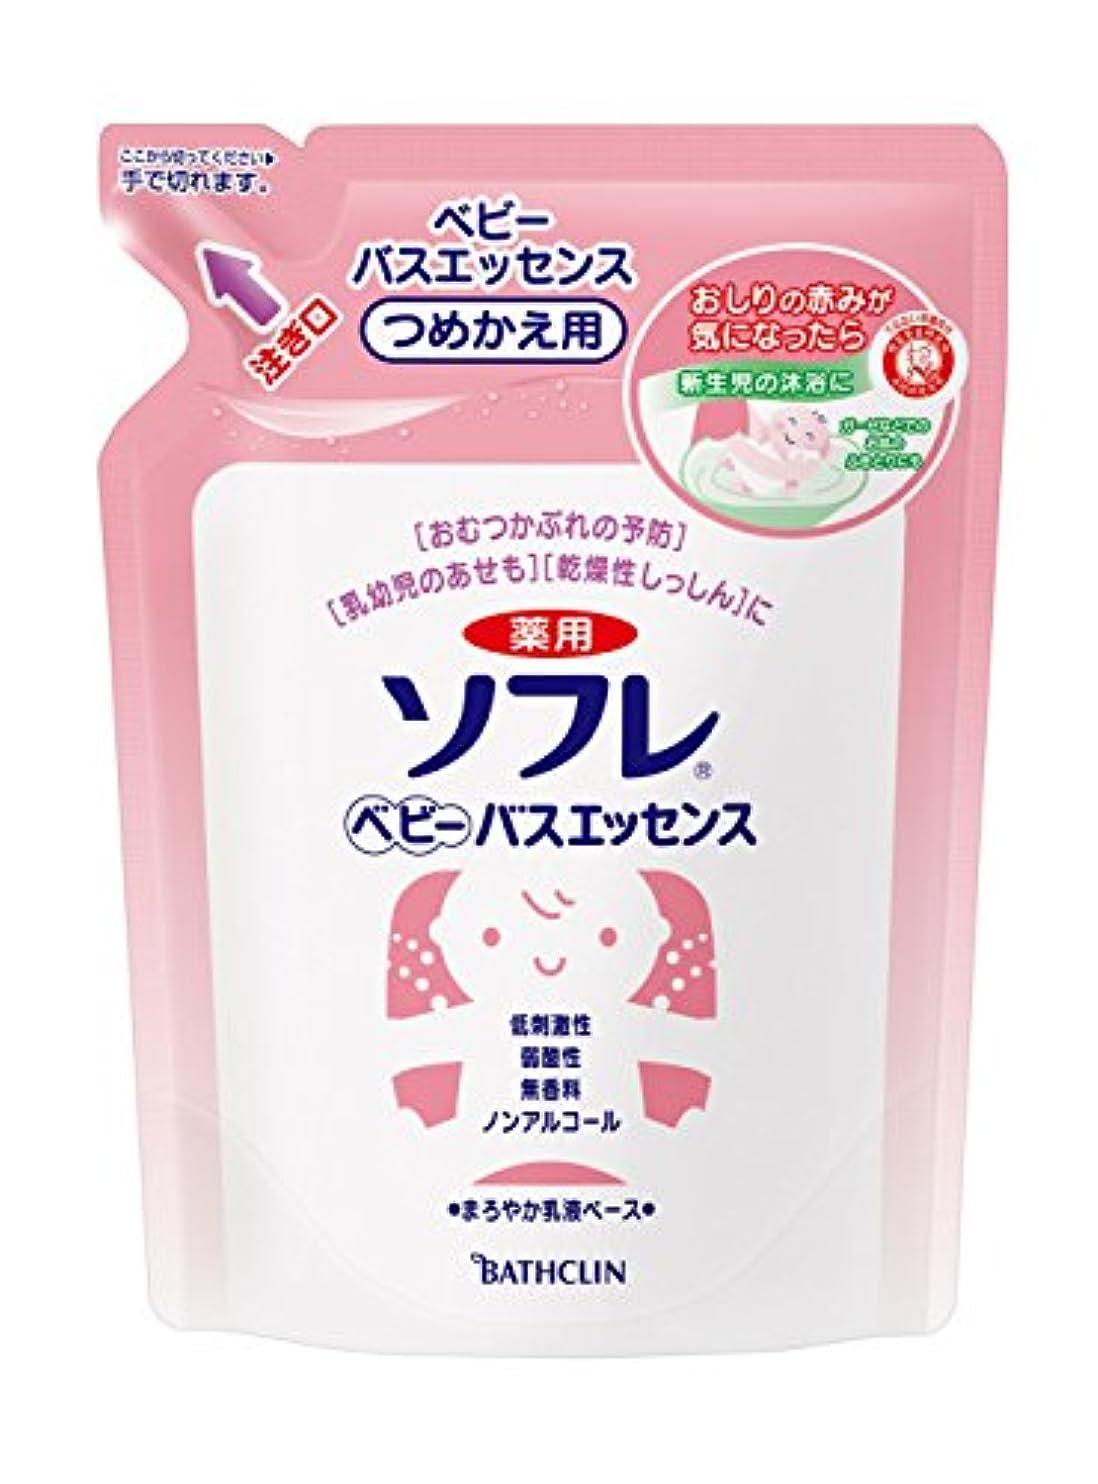 規範ごちそう世界薬用ソフレ ベビーバスエッセンスつめかえ用 400mL 入浴剤 (医薬部外品)